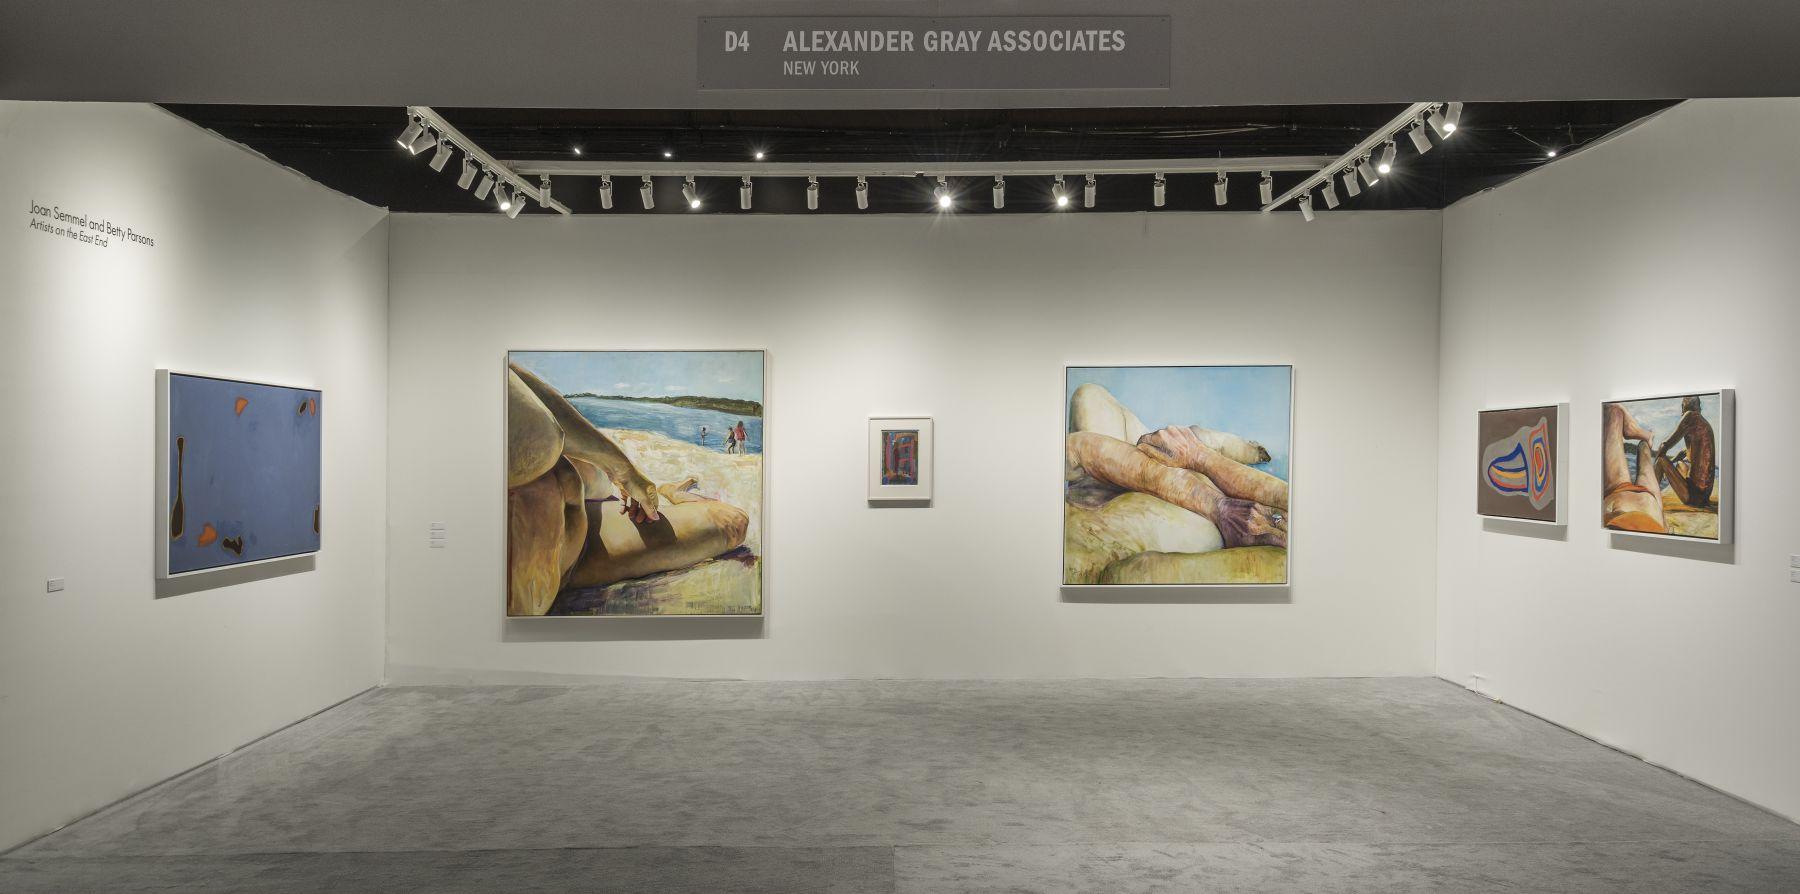 Alexander Gray Associates, ADAA:The Art Show 2019